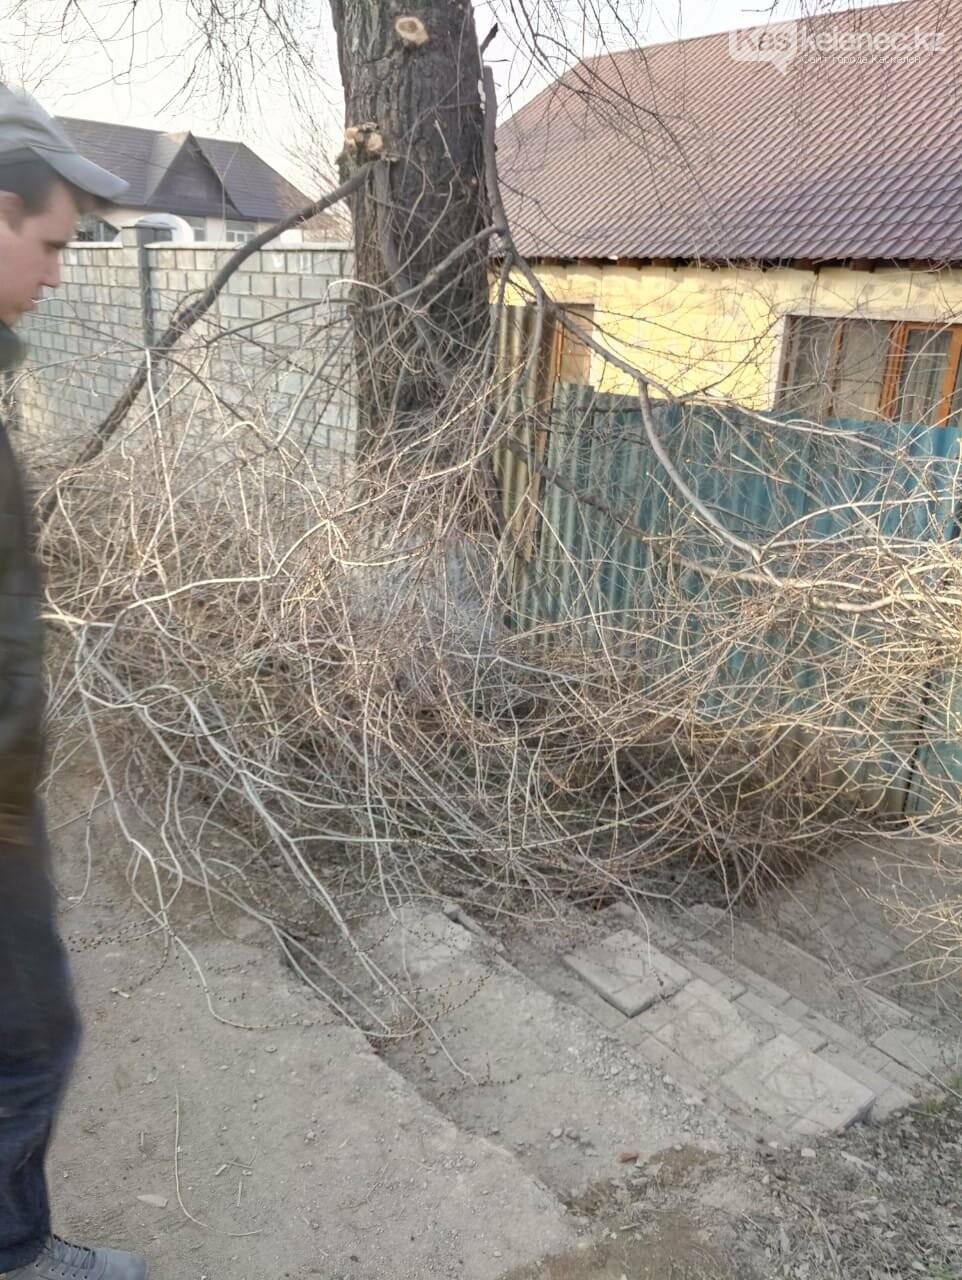 Пилят деревья и оставляют на месте: как работают коммунальщики на центральной улице Каскелена, фото-4